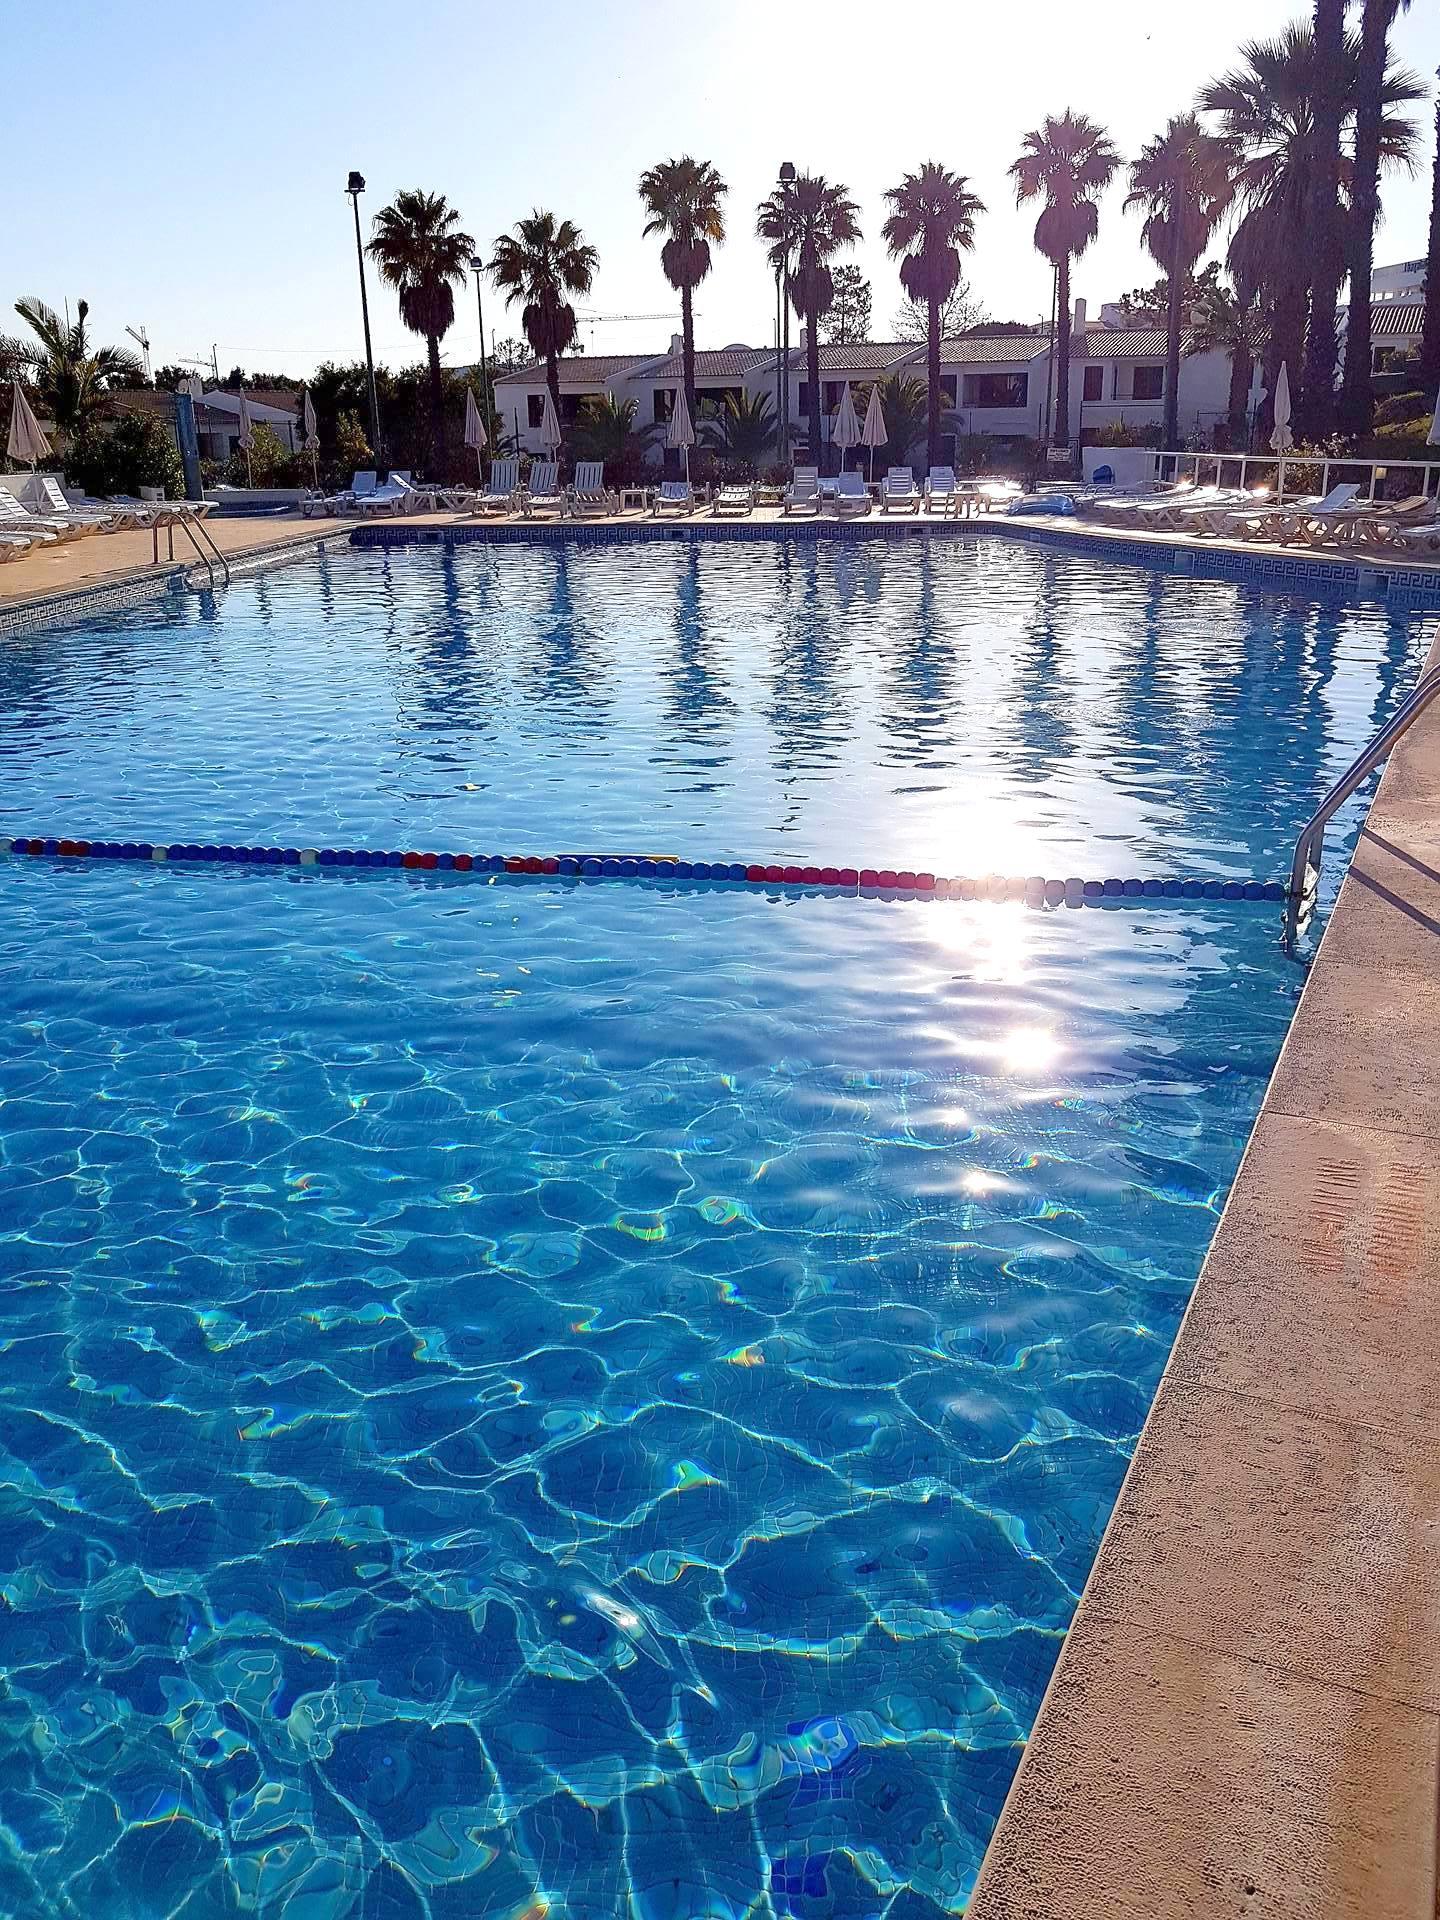 Apartamentos e moradias para alugar, Appart 2 chambres – piscine et tennis – Albufeira em Albufeira, Portugal Algarve, REF_IMG_7166_8635